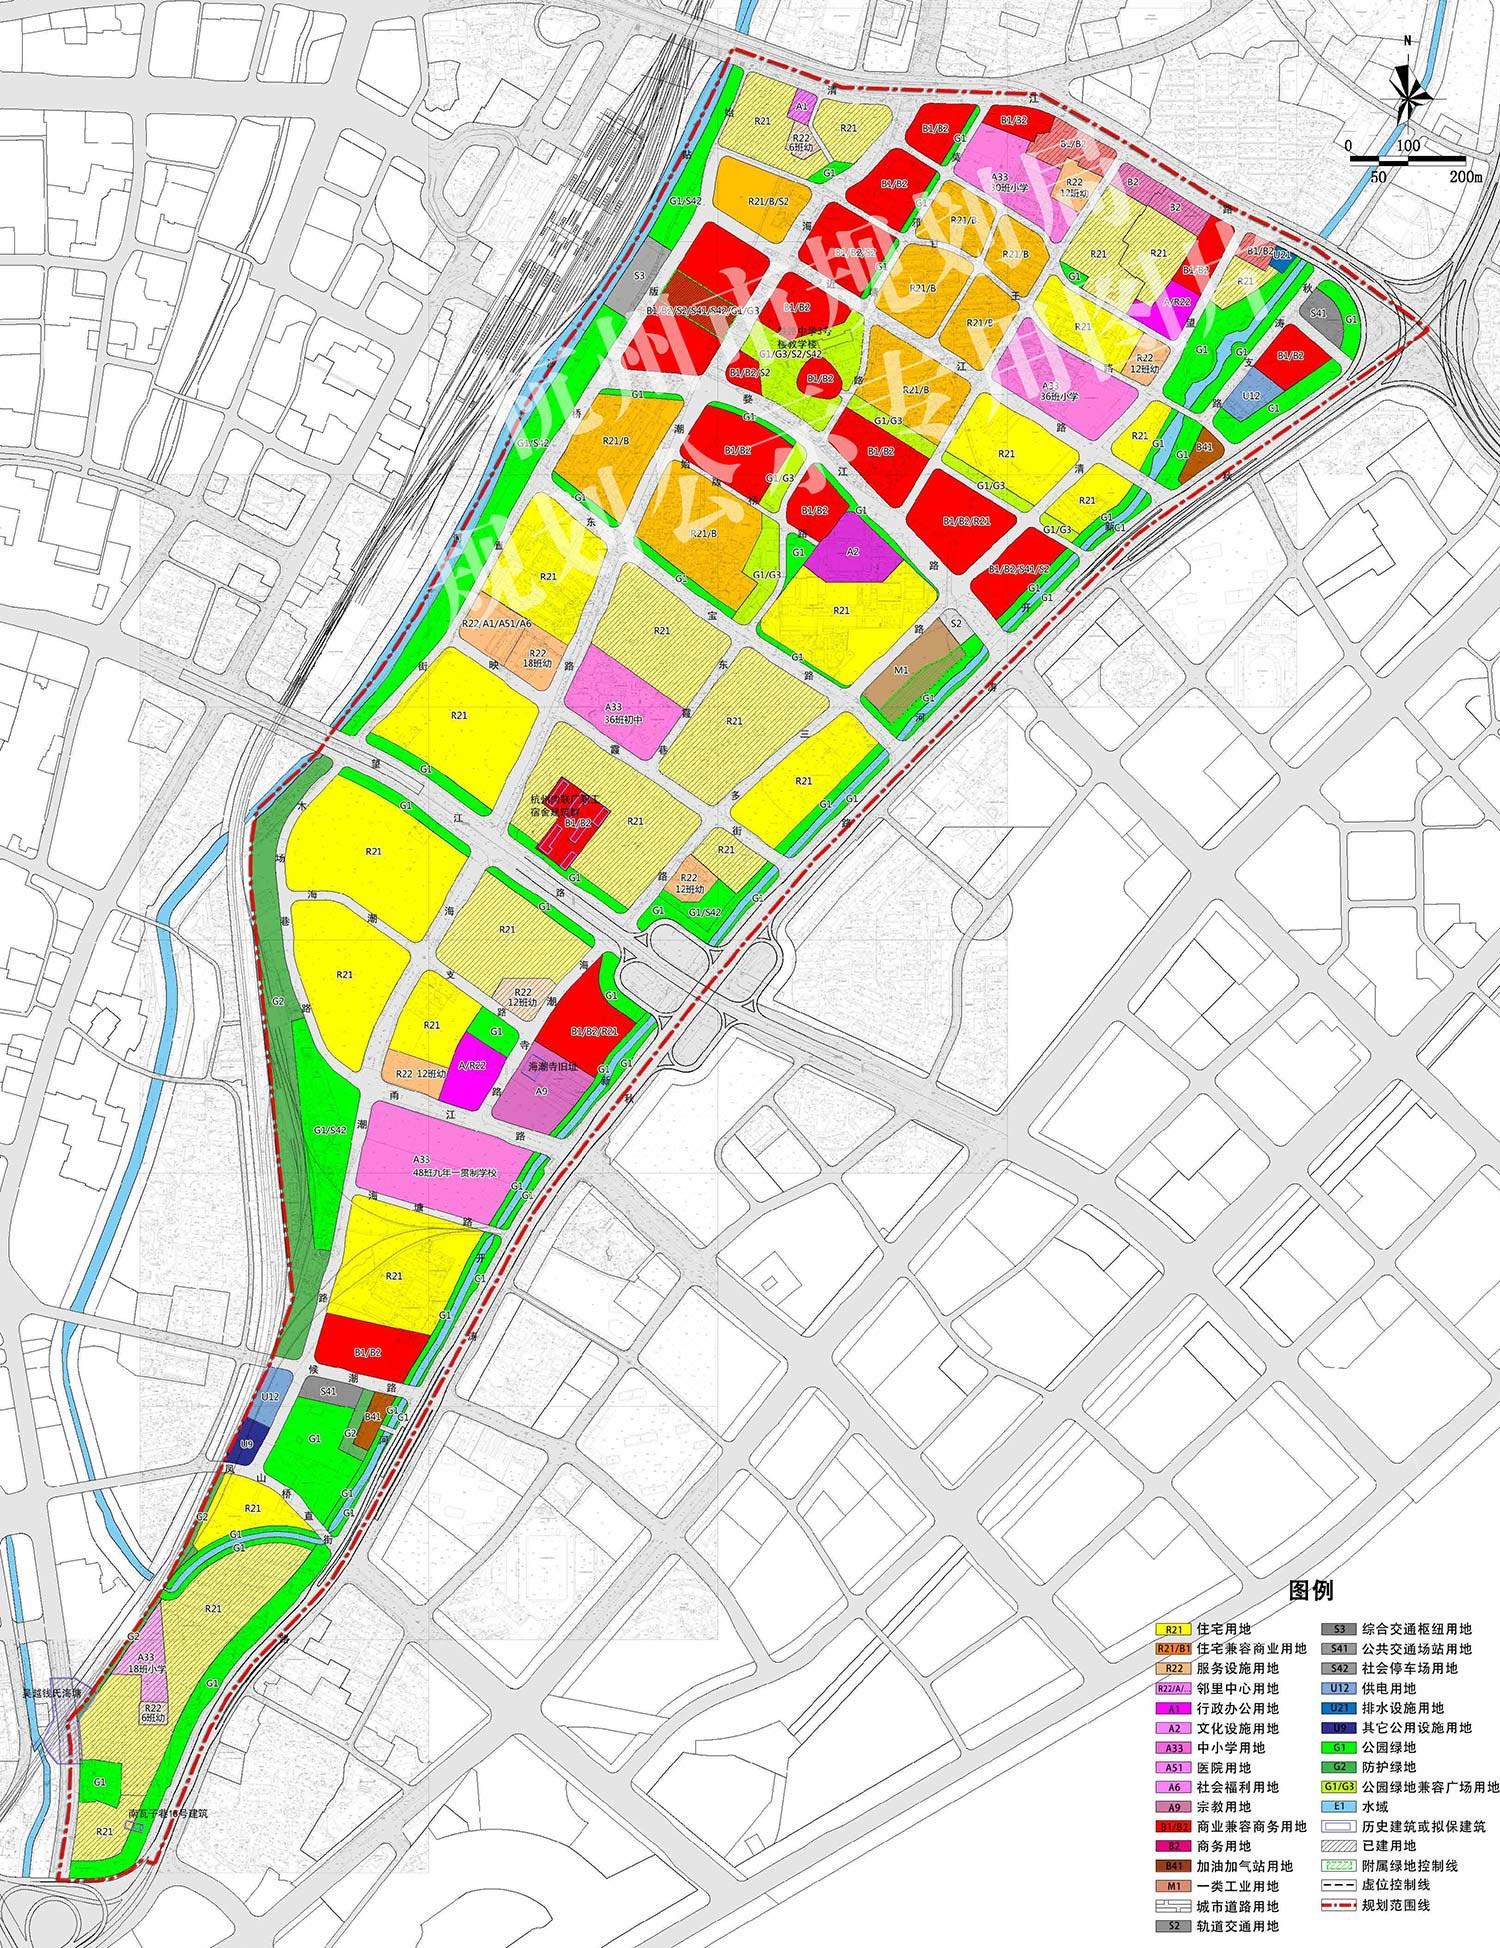 望江单元发展定位为望江金融科技城,是钱塘江金融港湾的核心产业板块